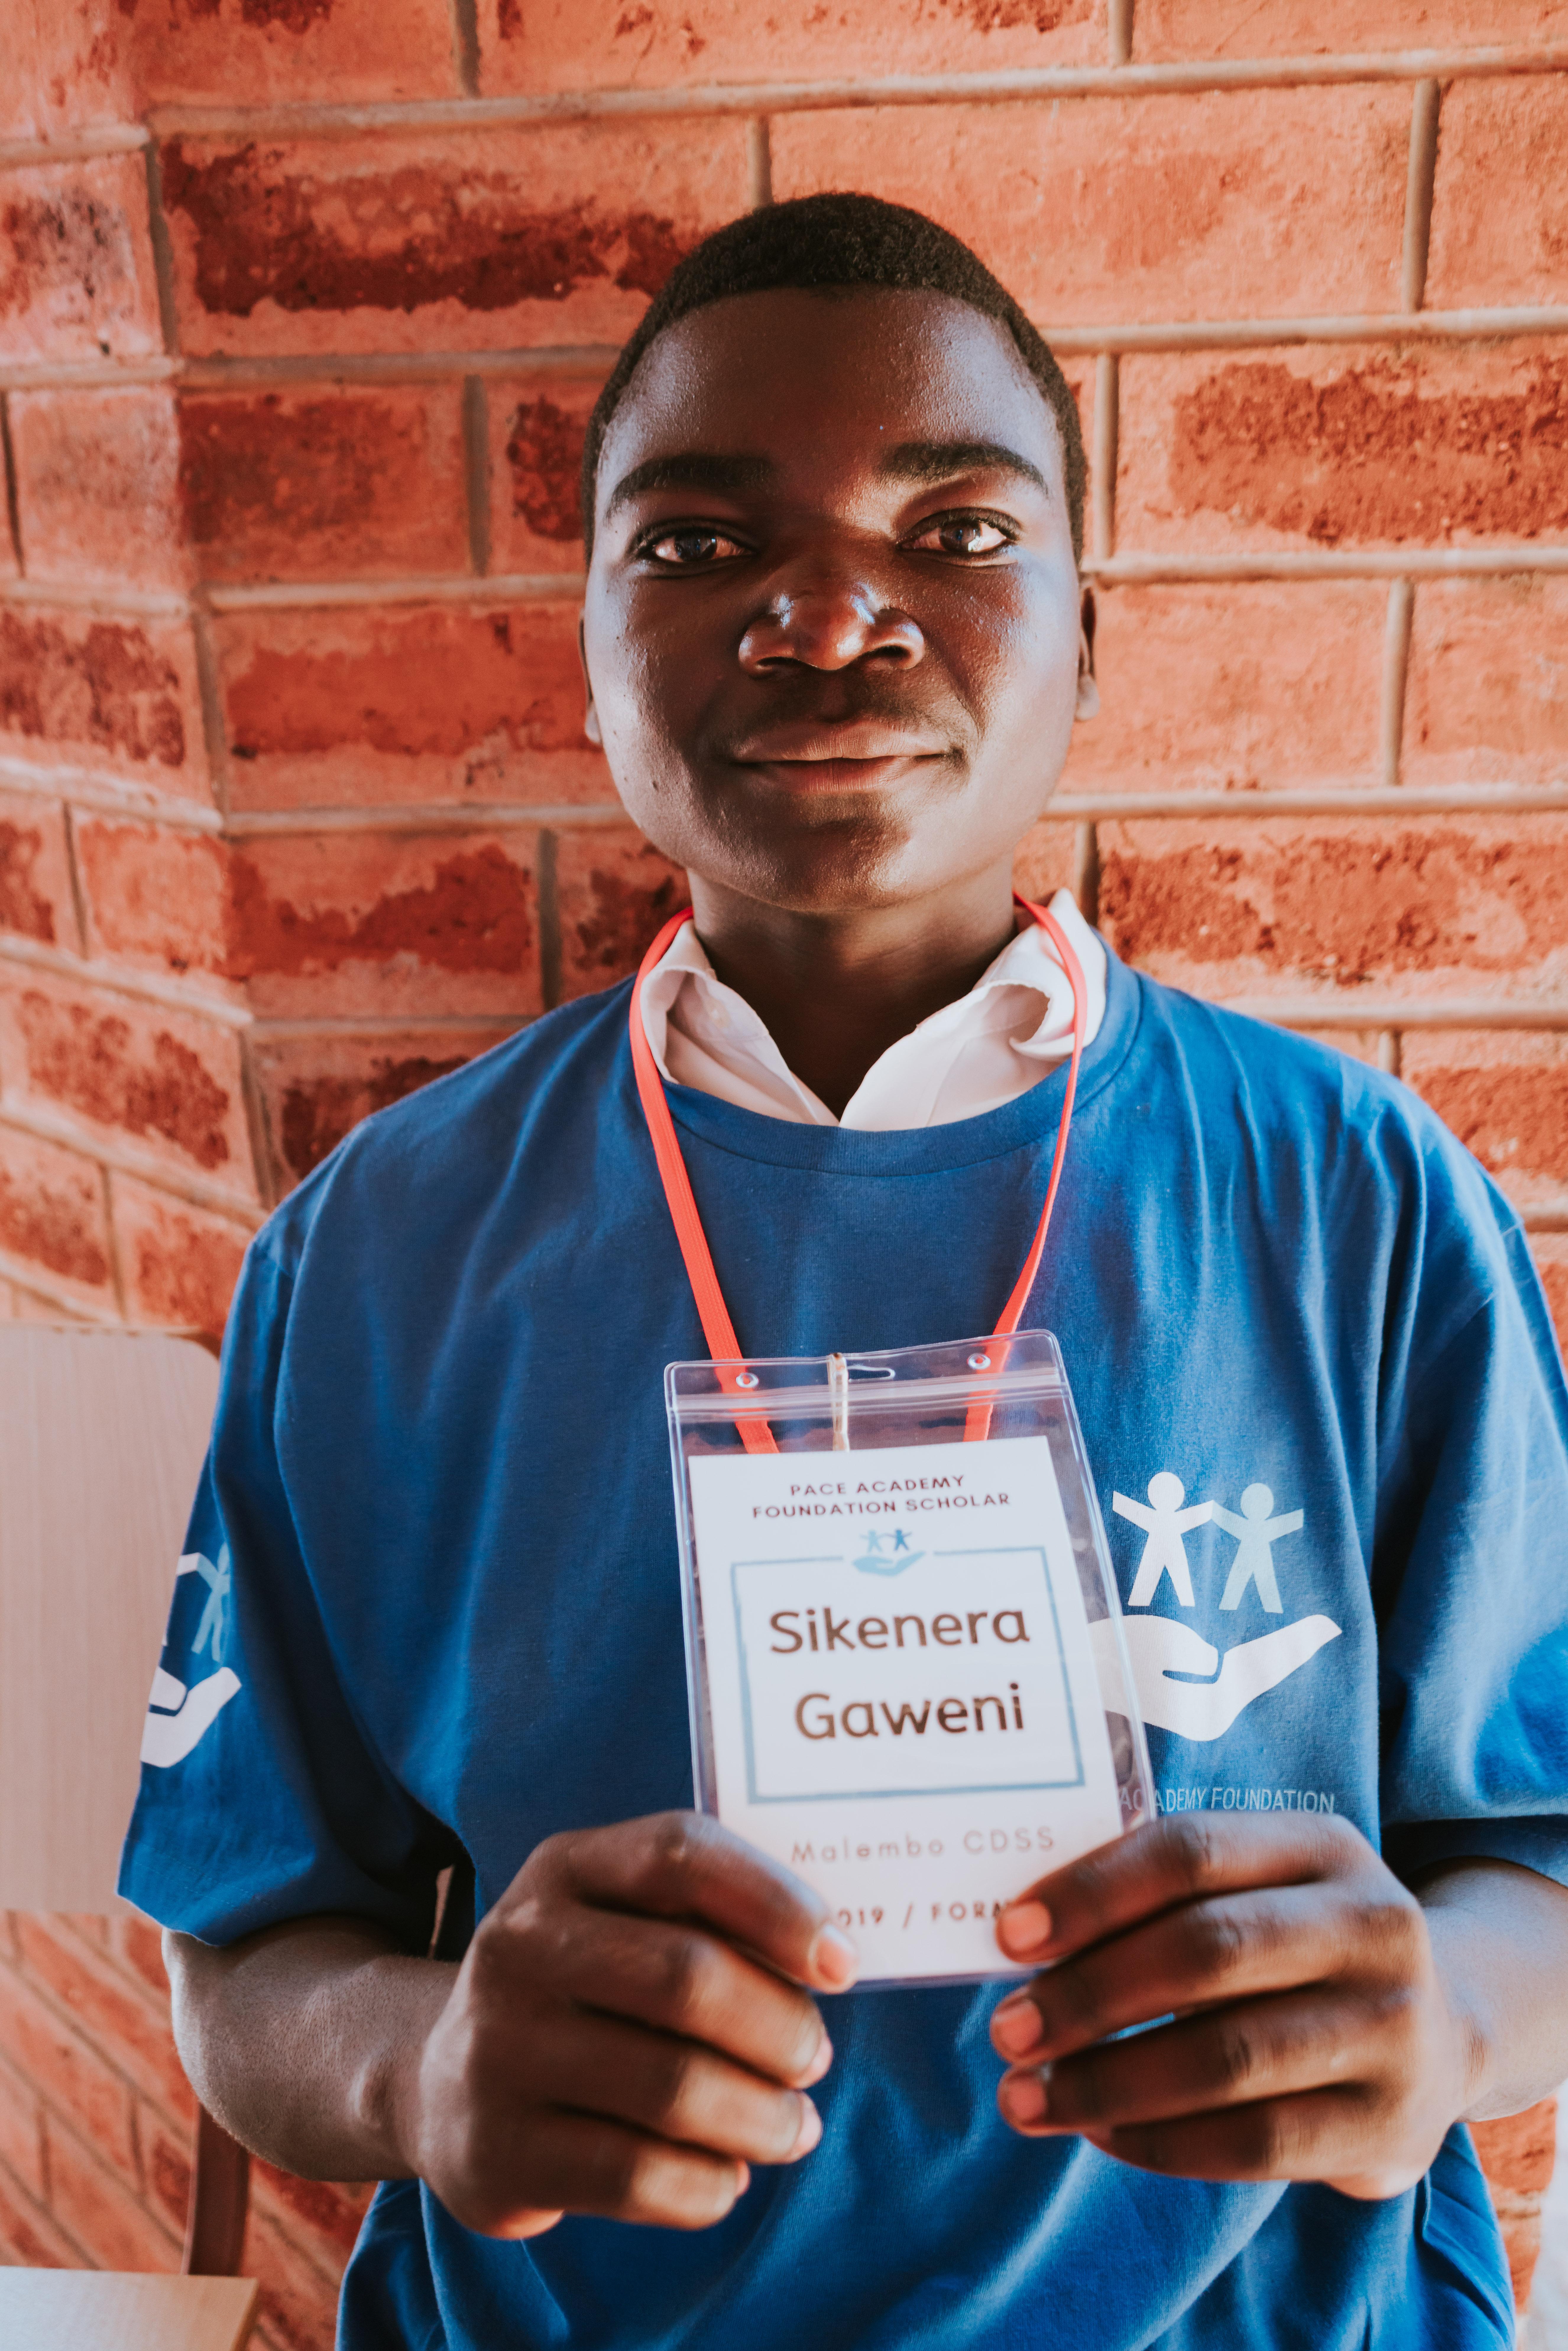 Sikenera Gaweni (Malembo CDSS)